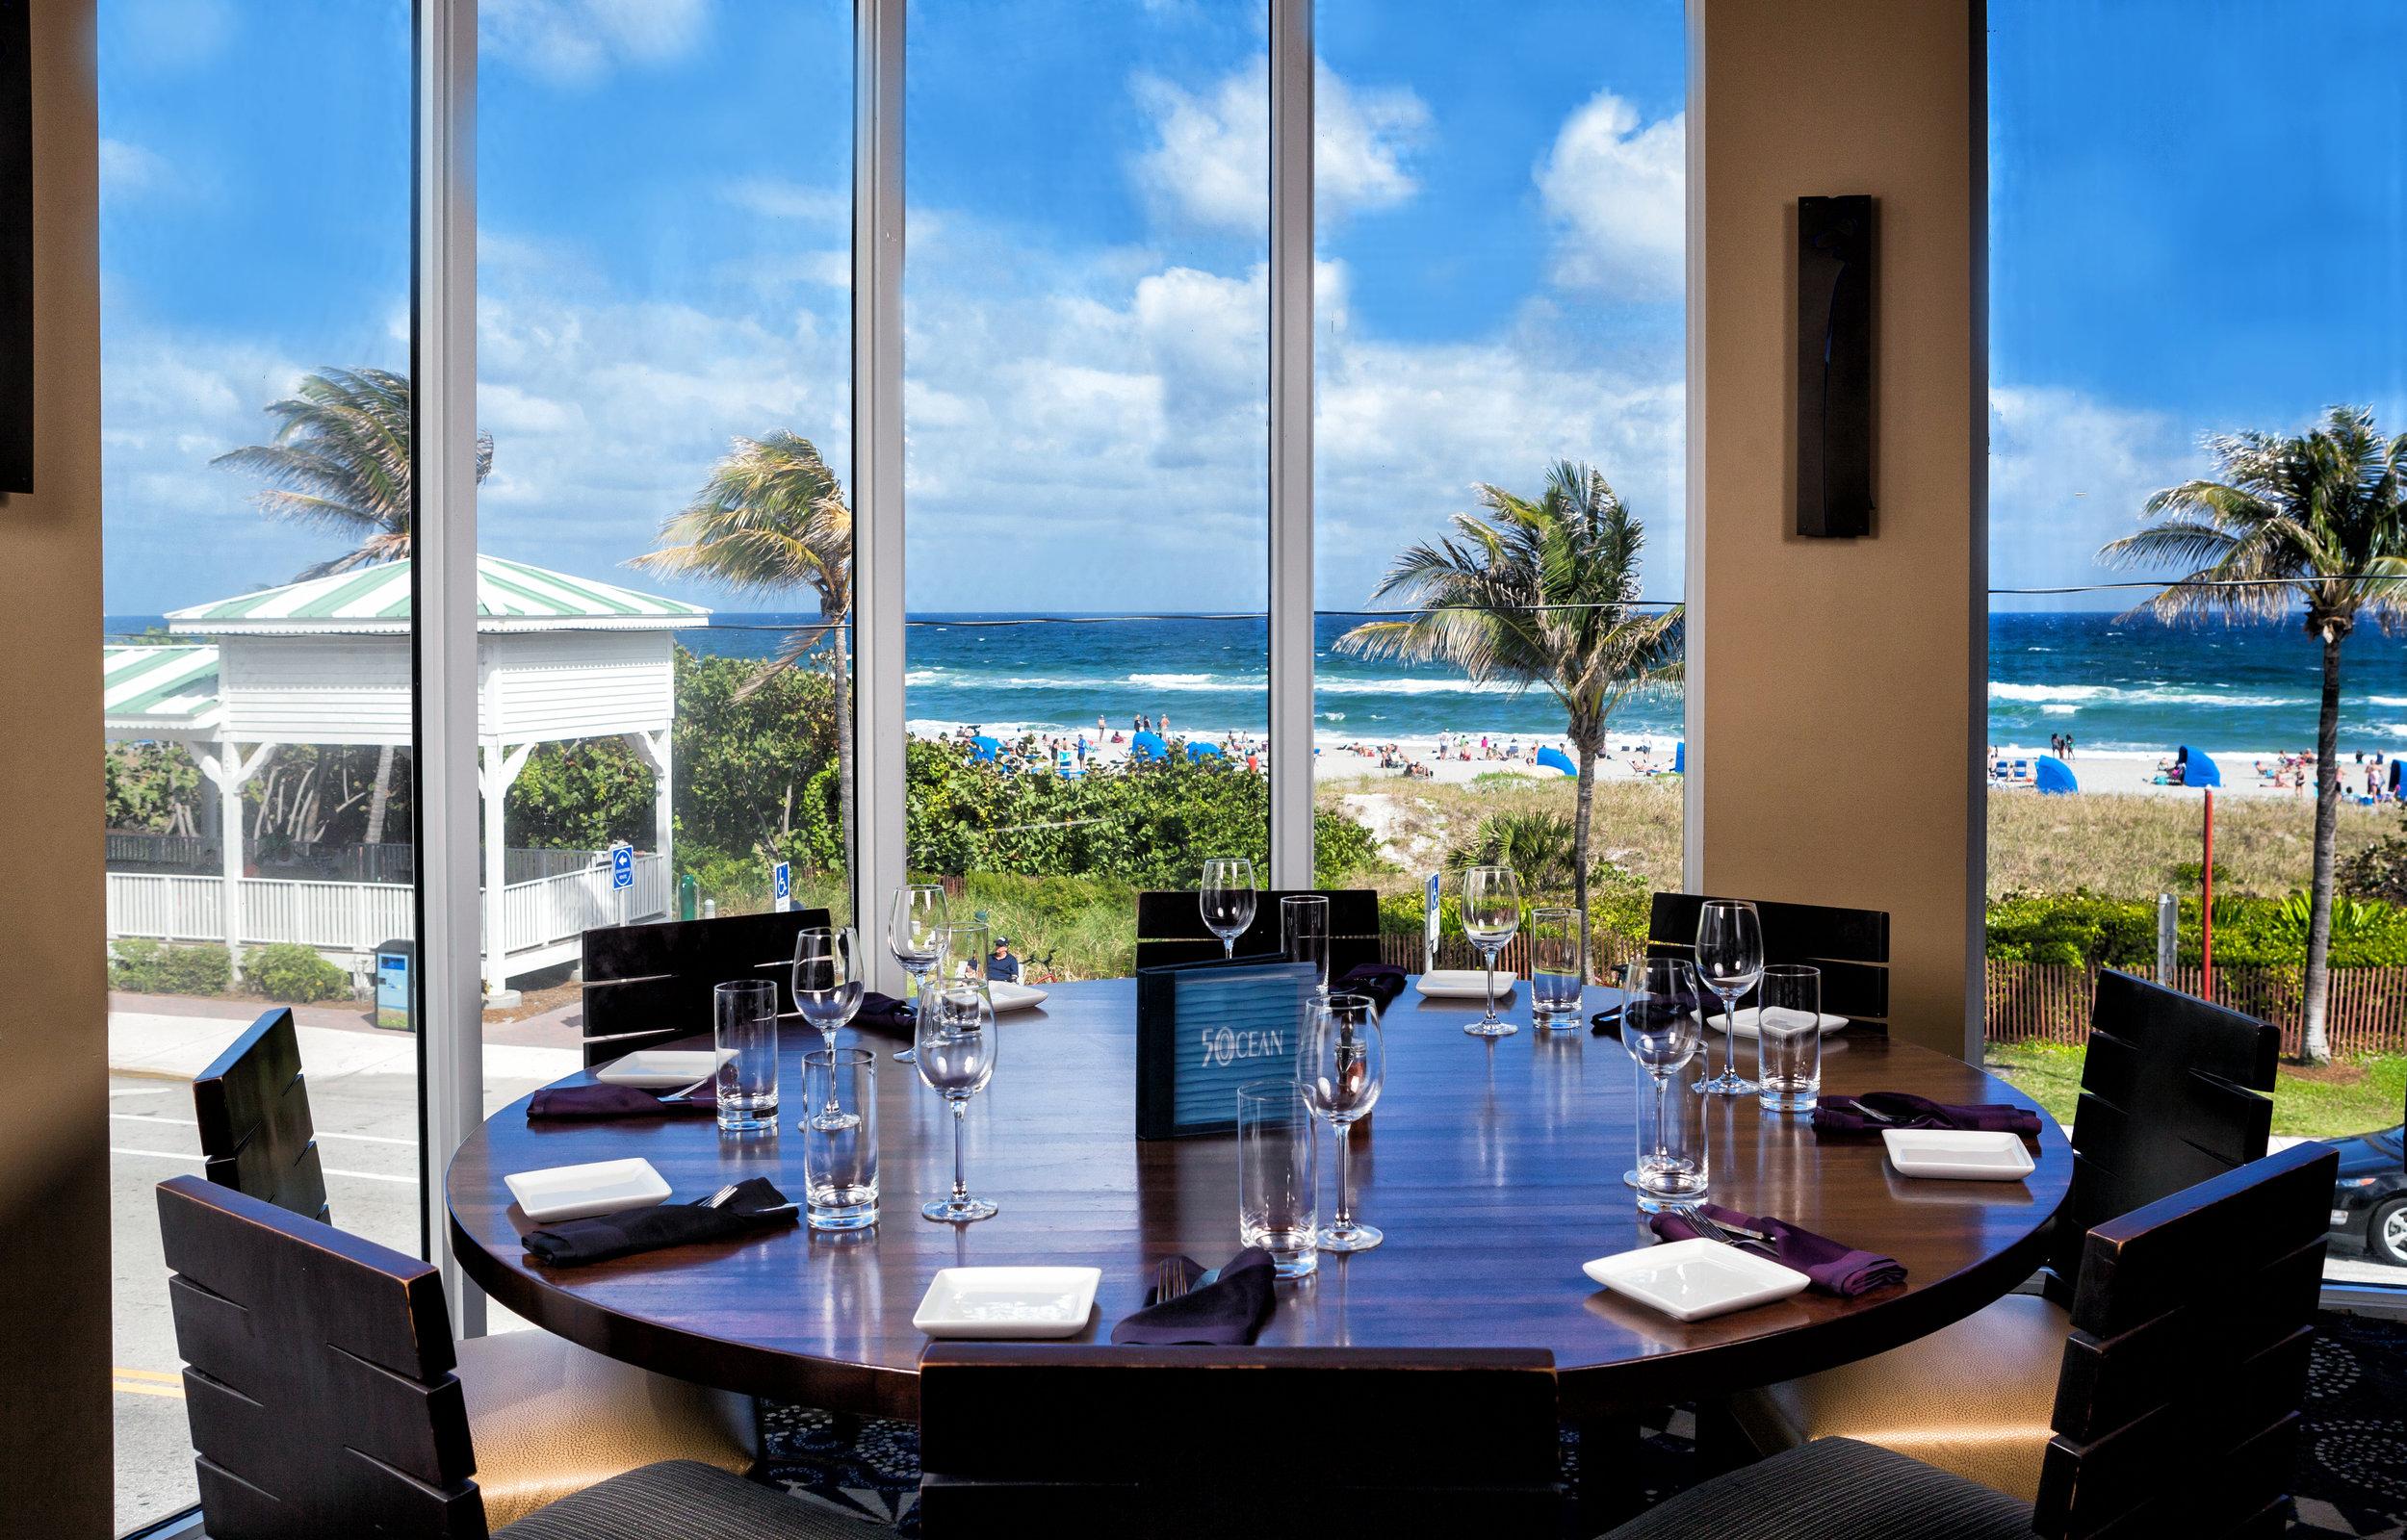 Restaurante em Delray Beach, na Flórida